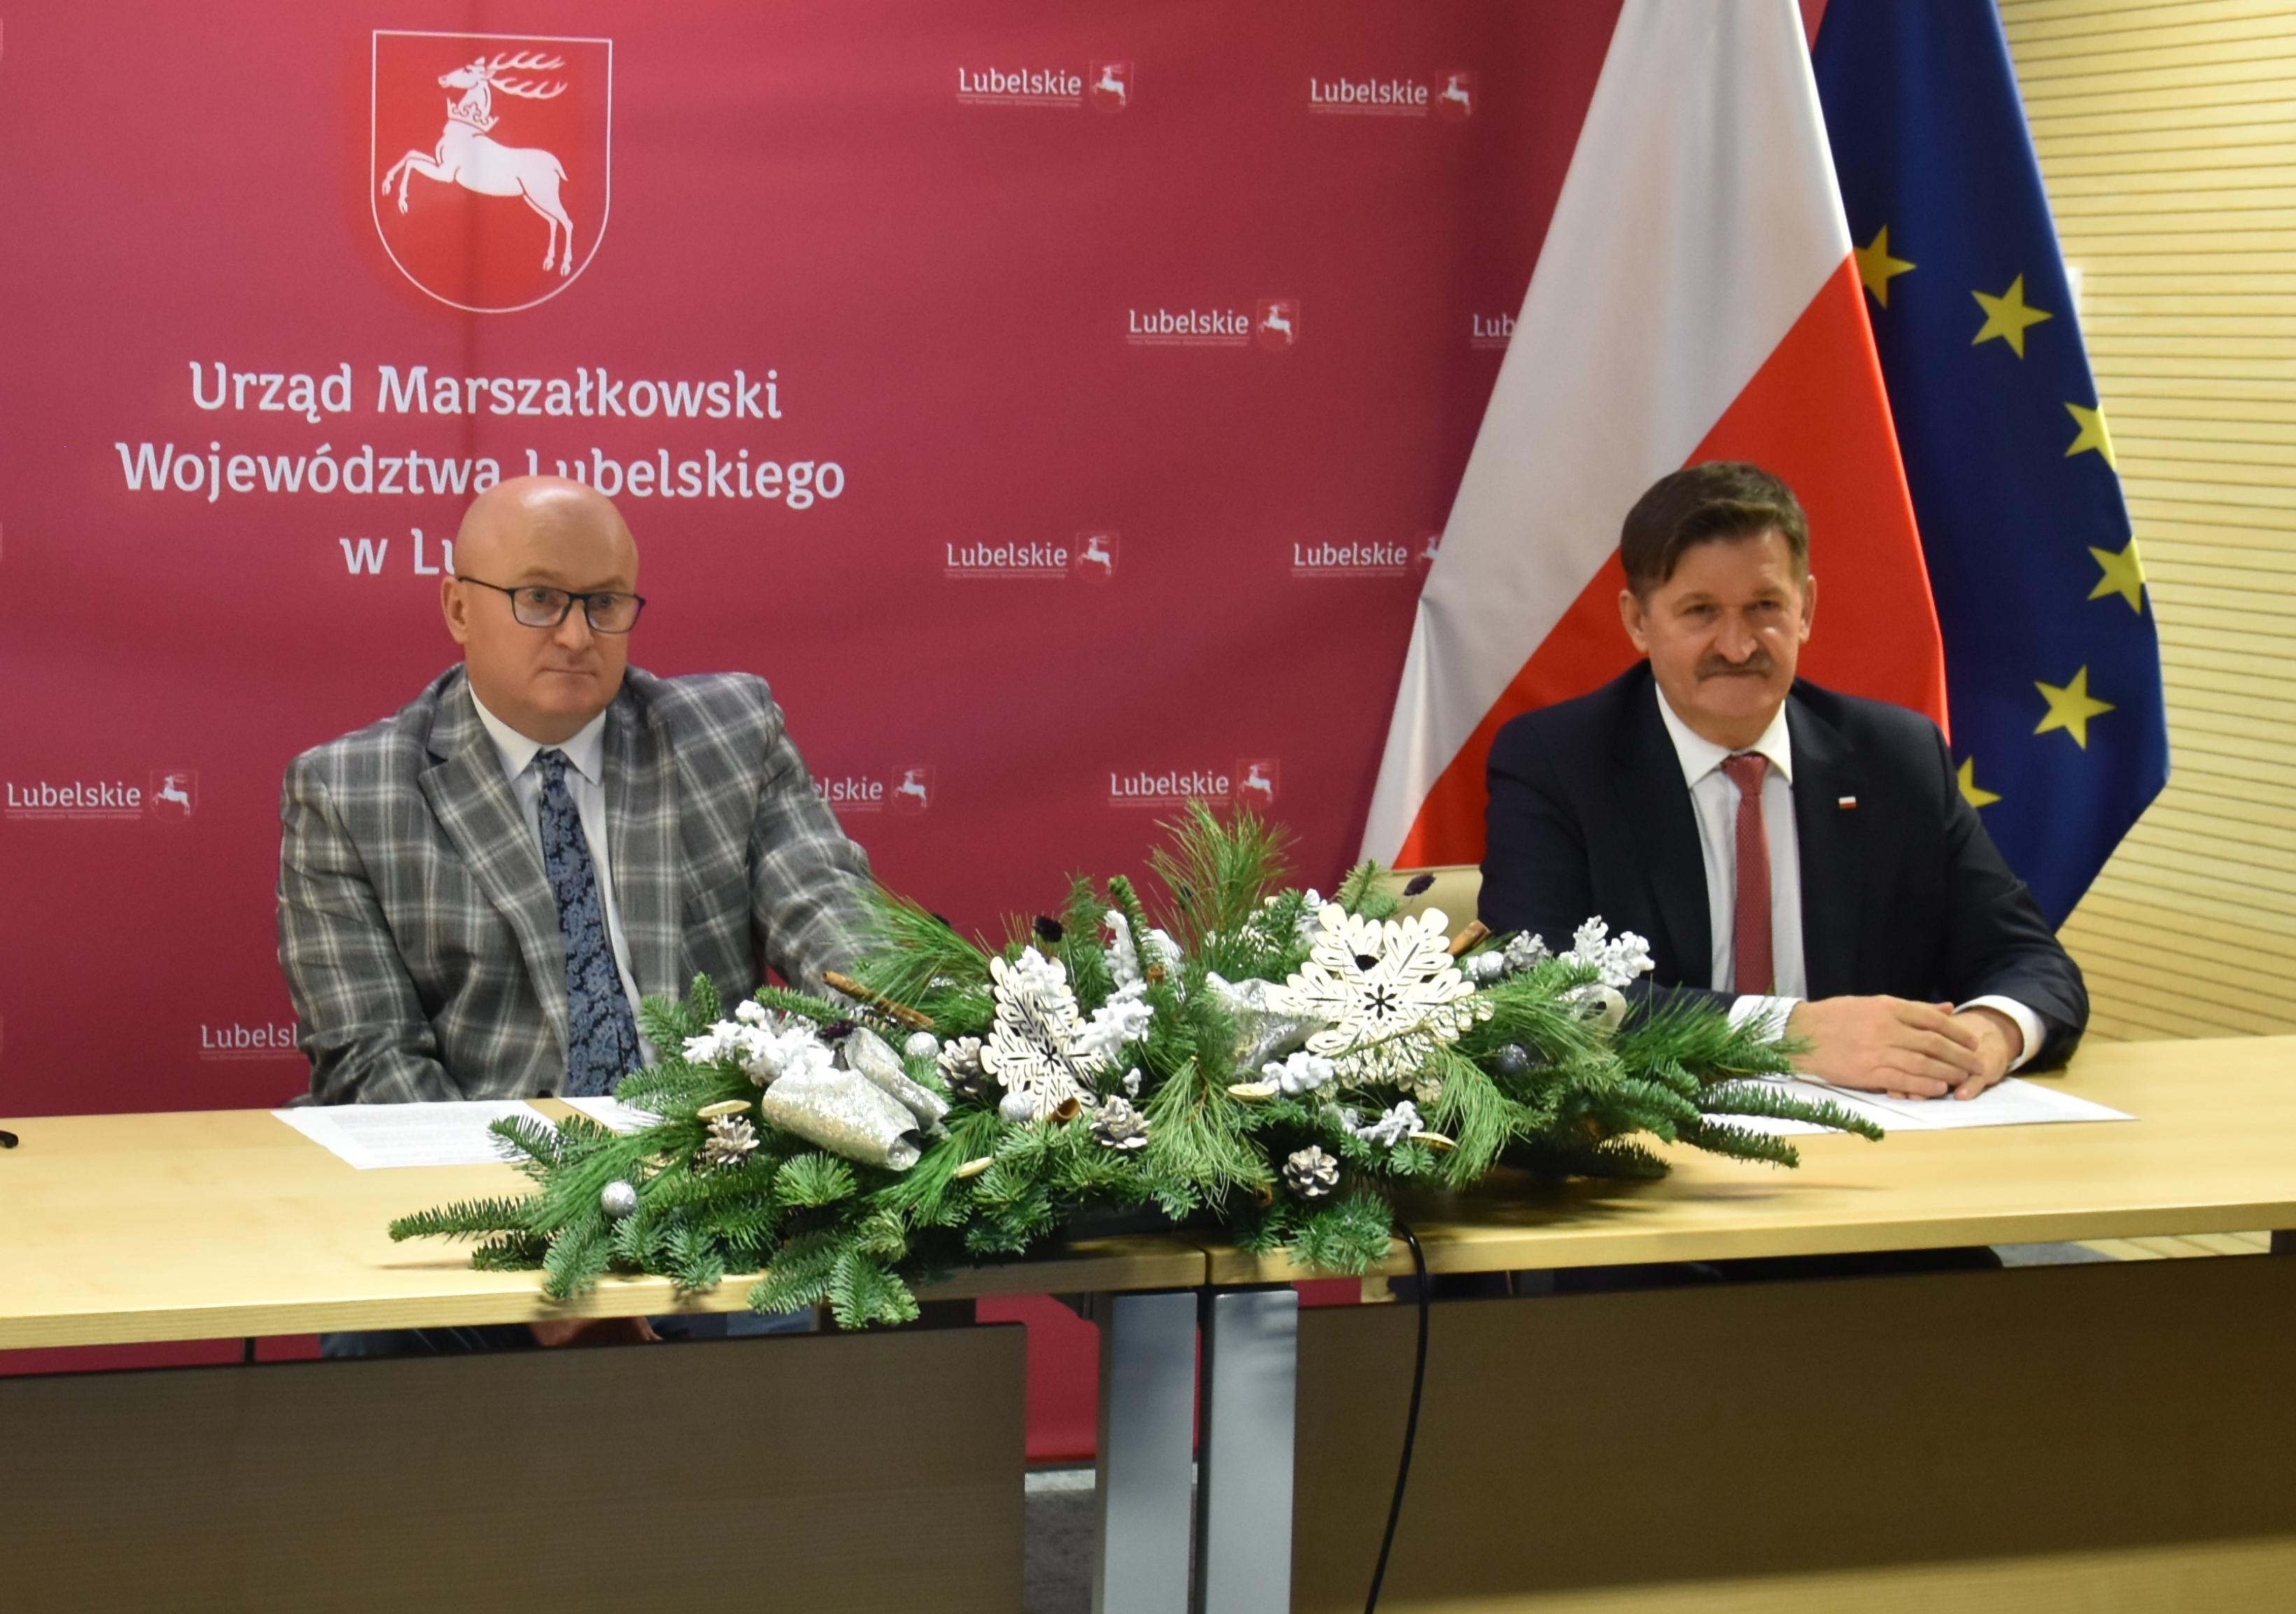 Wigilia online w Domu Polski Wschodniej